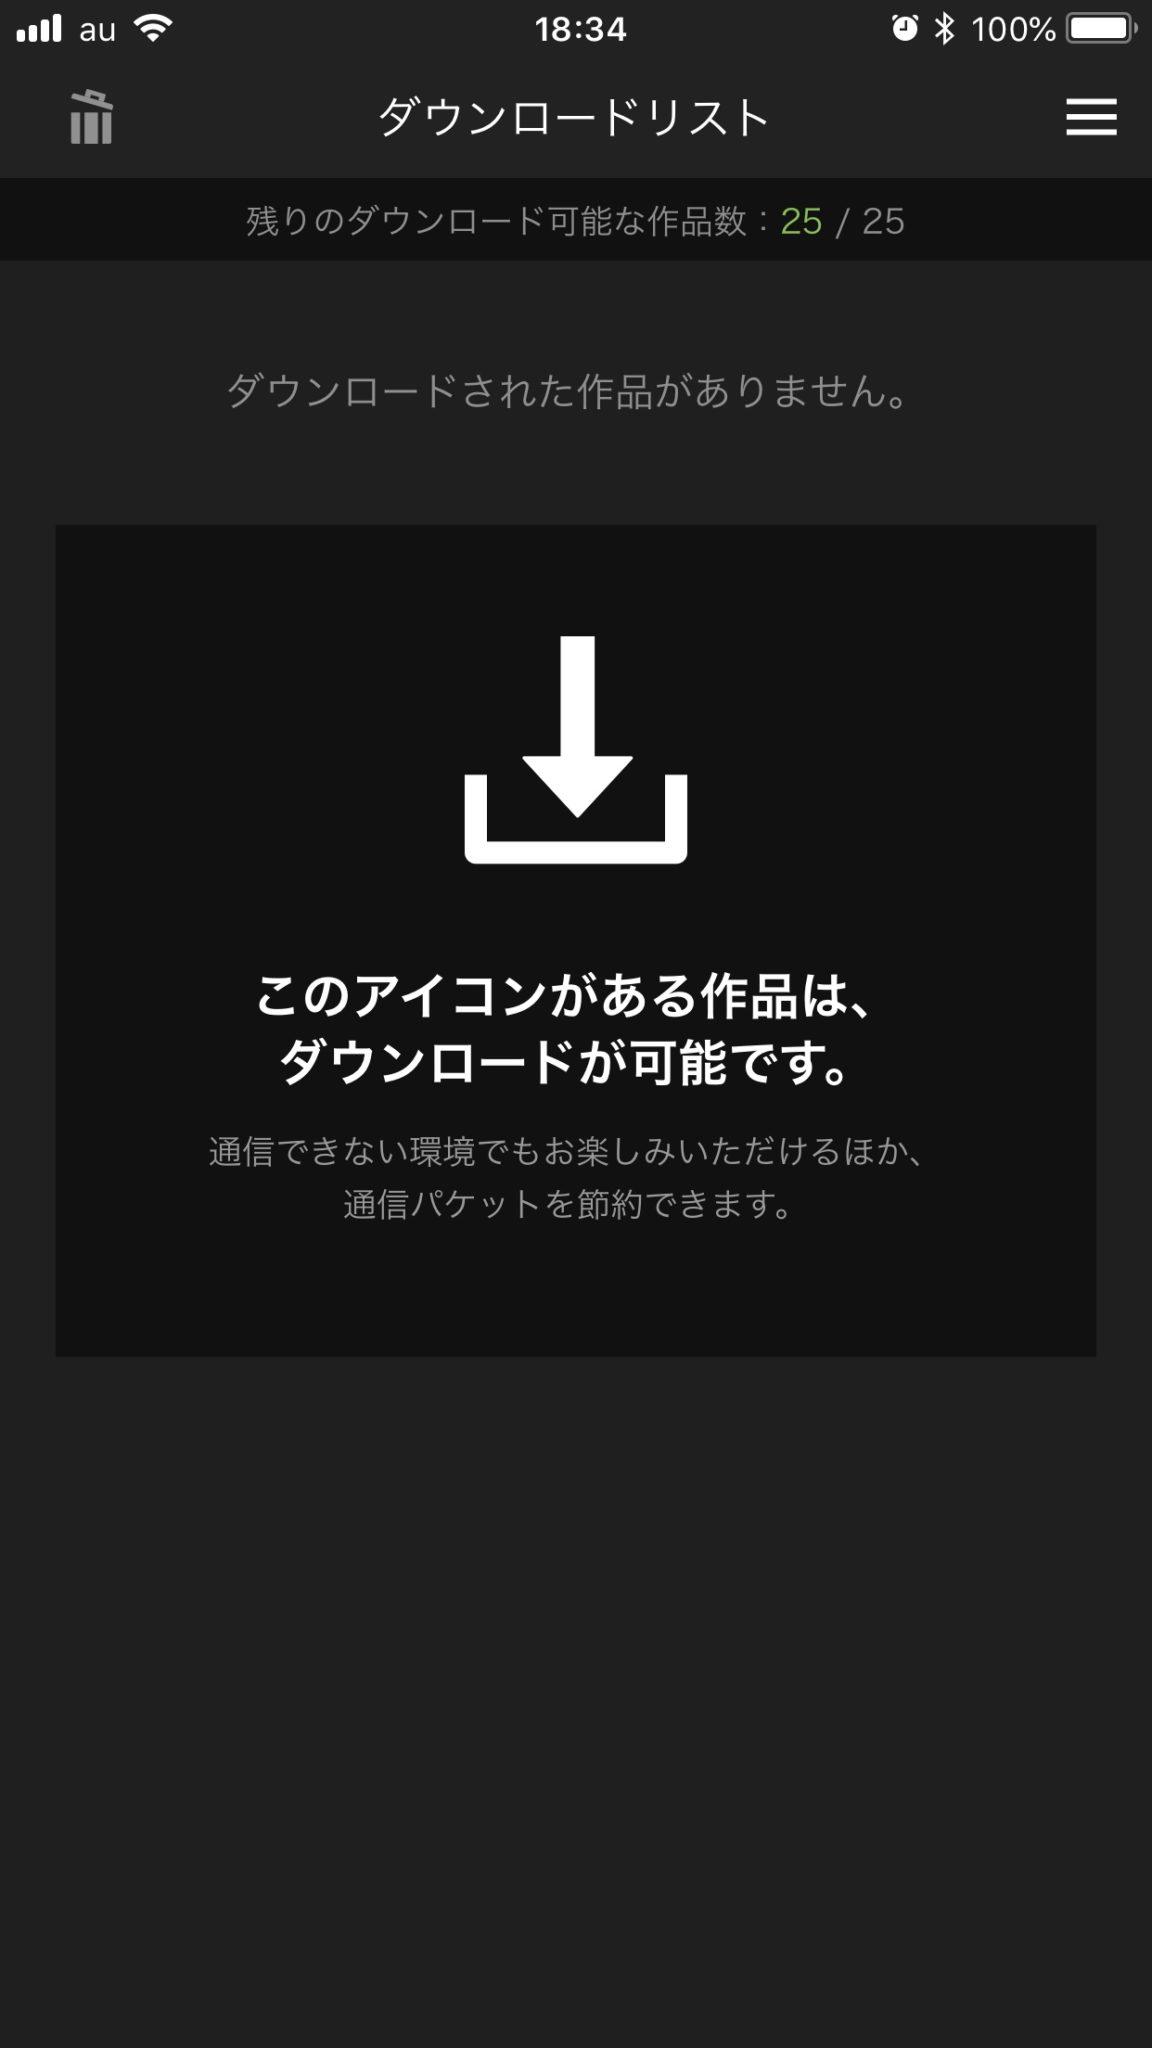 huluの動画ダウンロードリスト